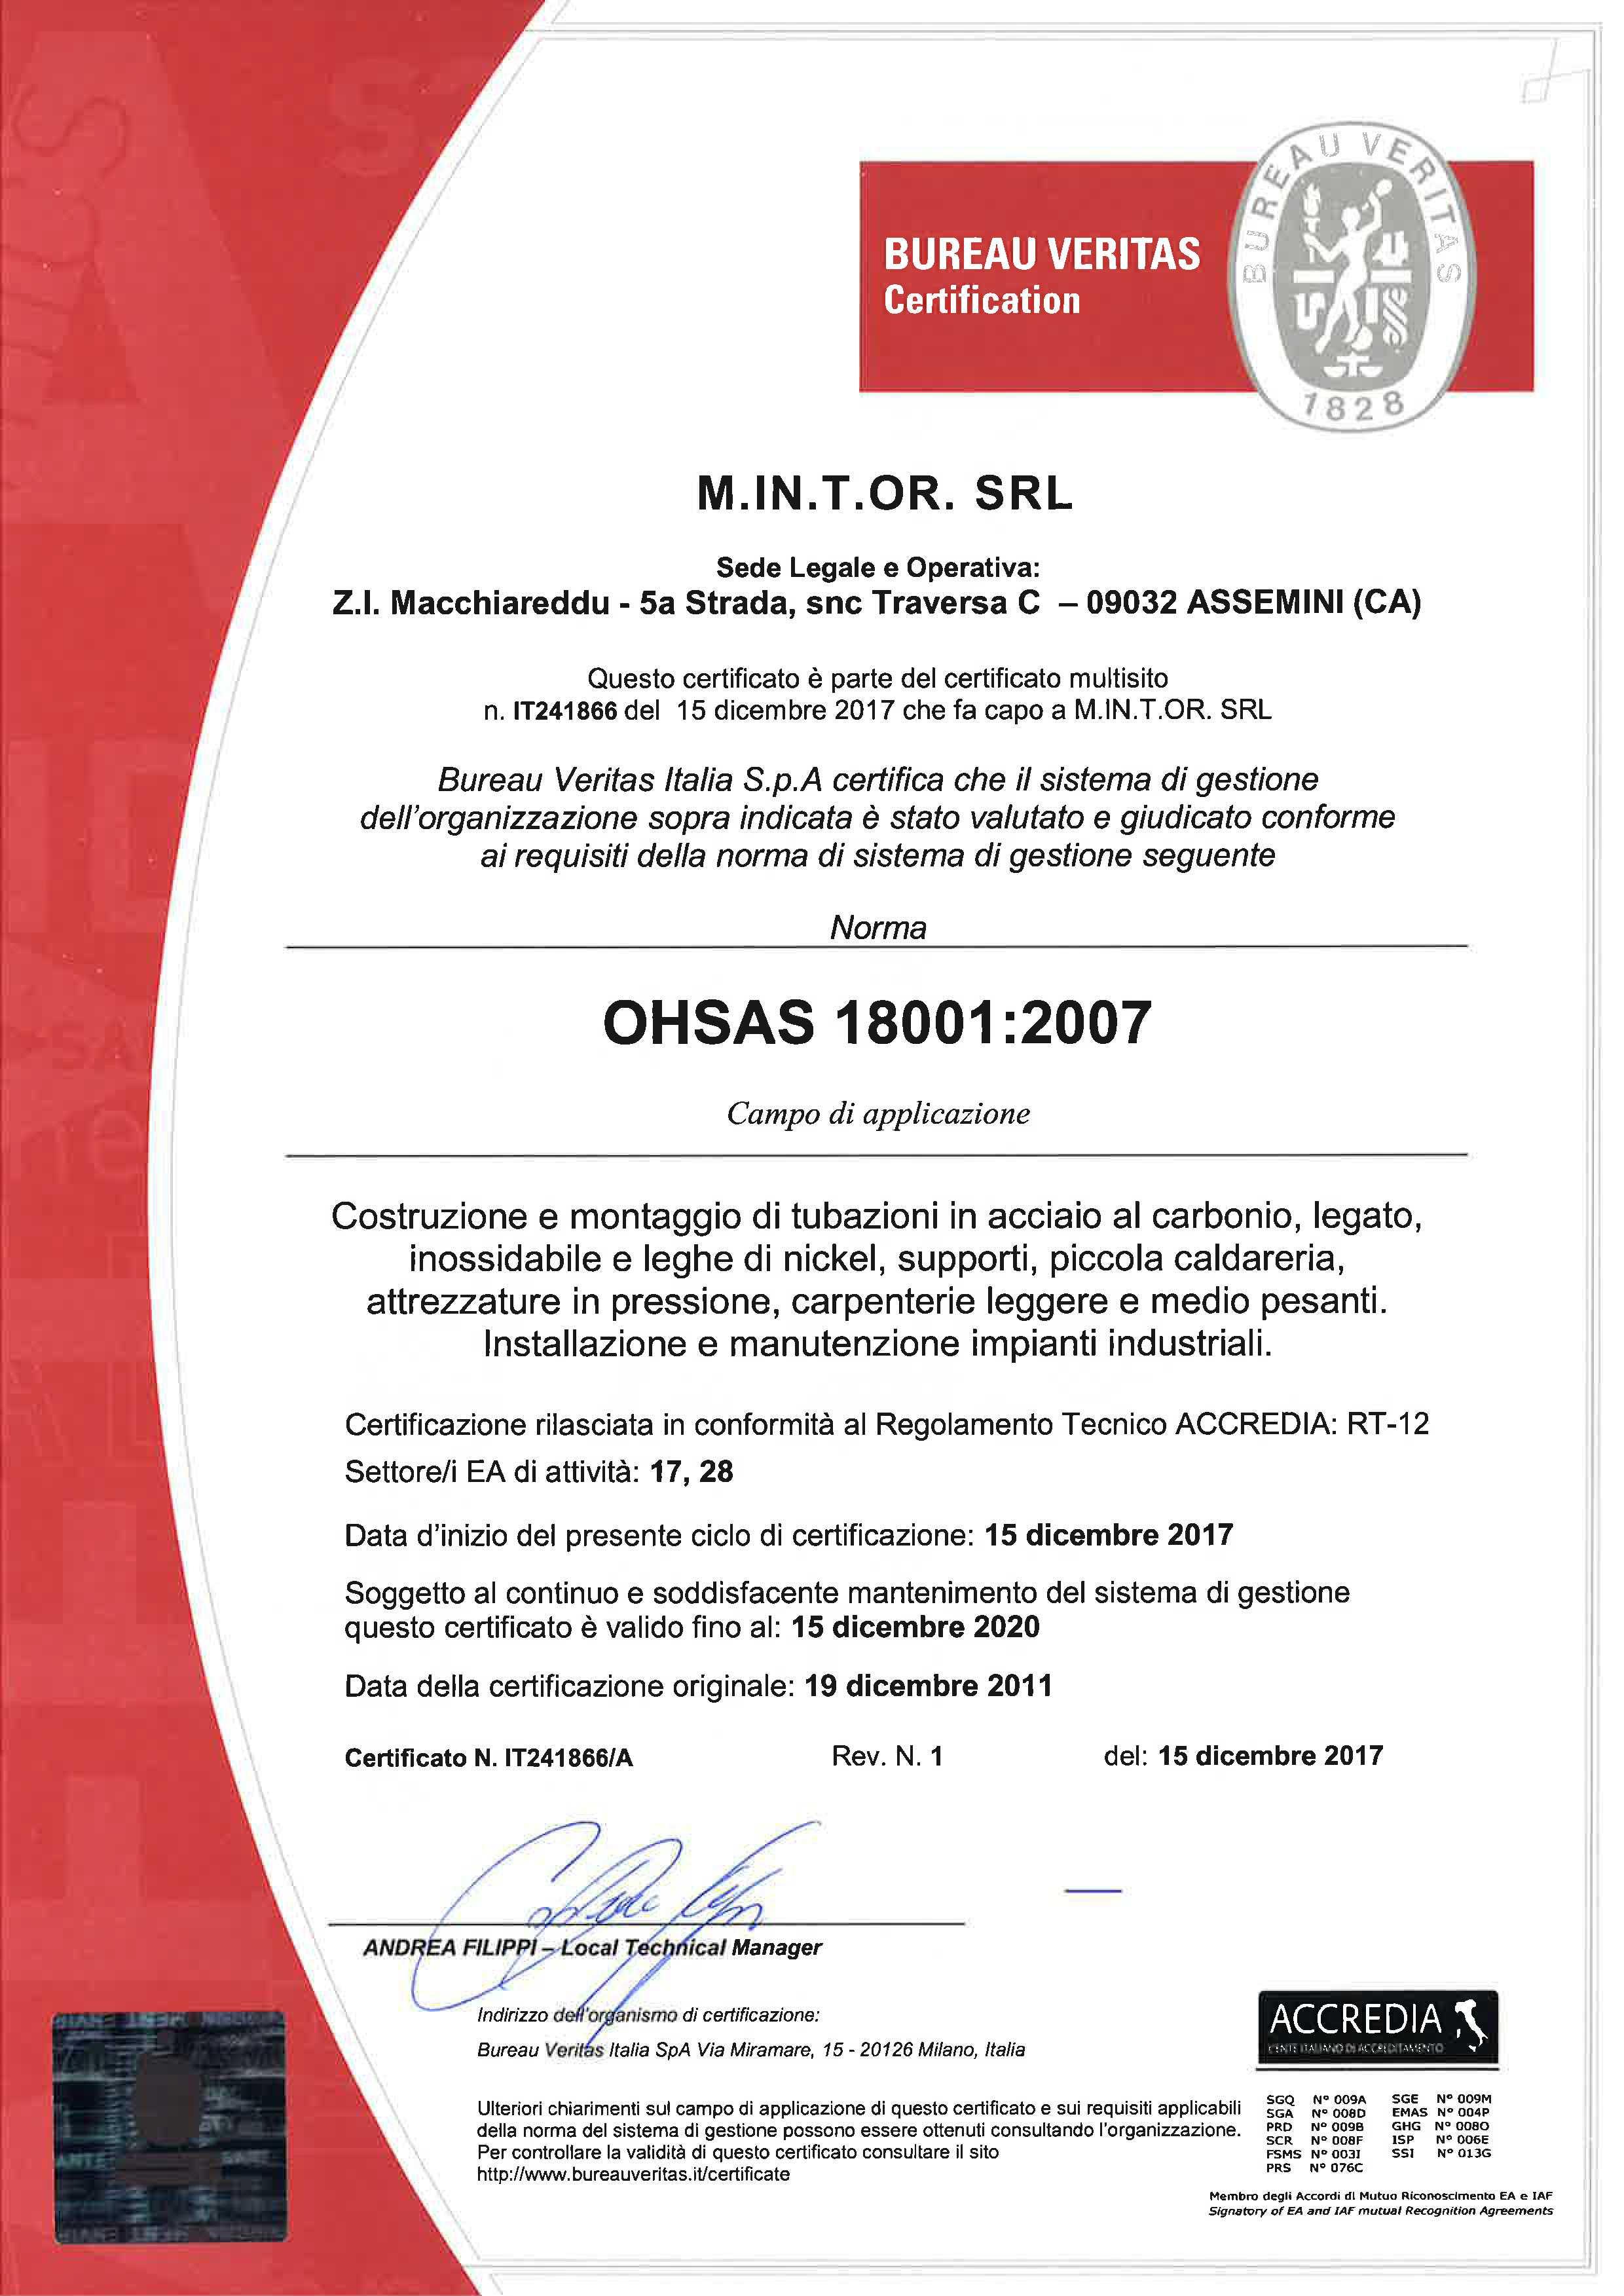 certificazioni-mintor-luglio-2019_0004_M.IN.T.OR. SRL - 18001 FIGLIO A